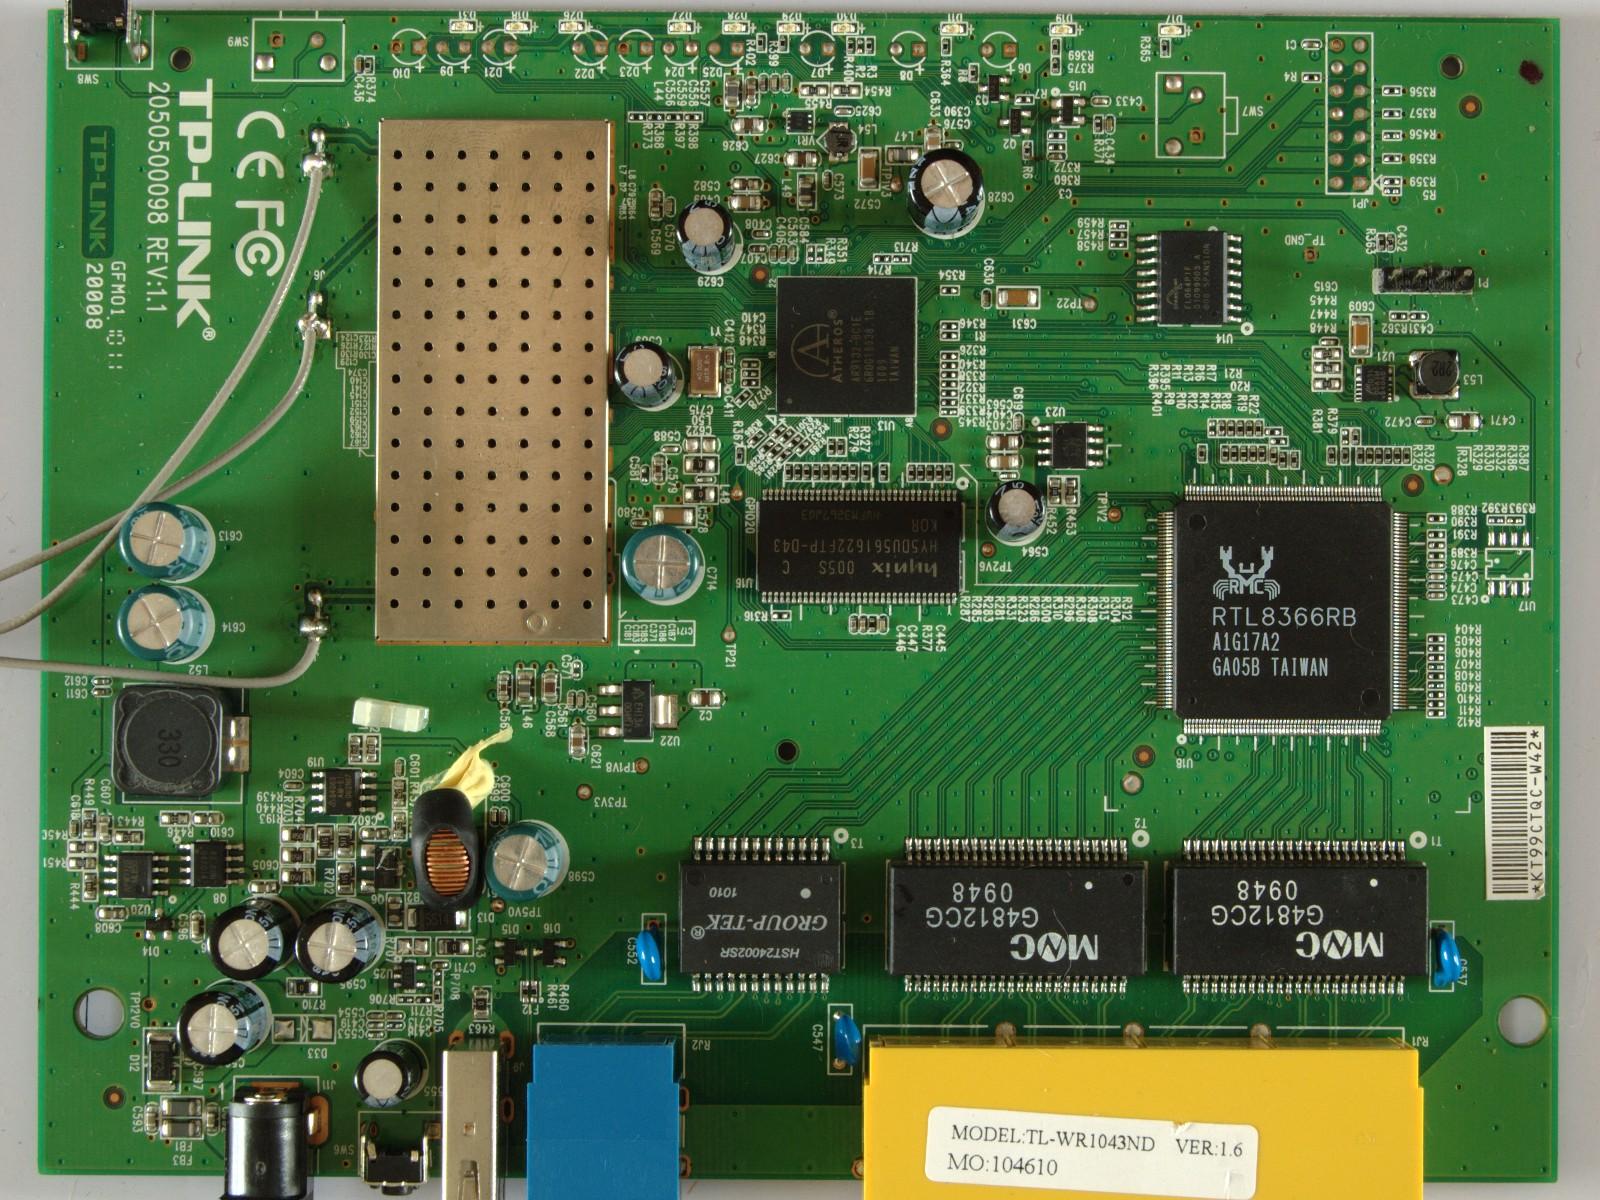 TL-WR1043ND V1.6